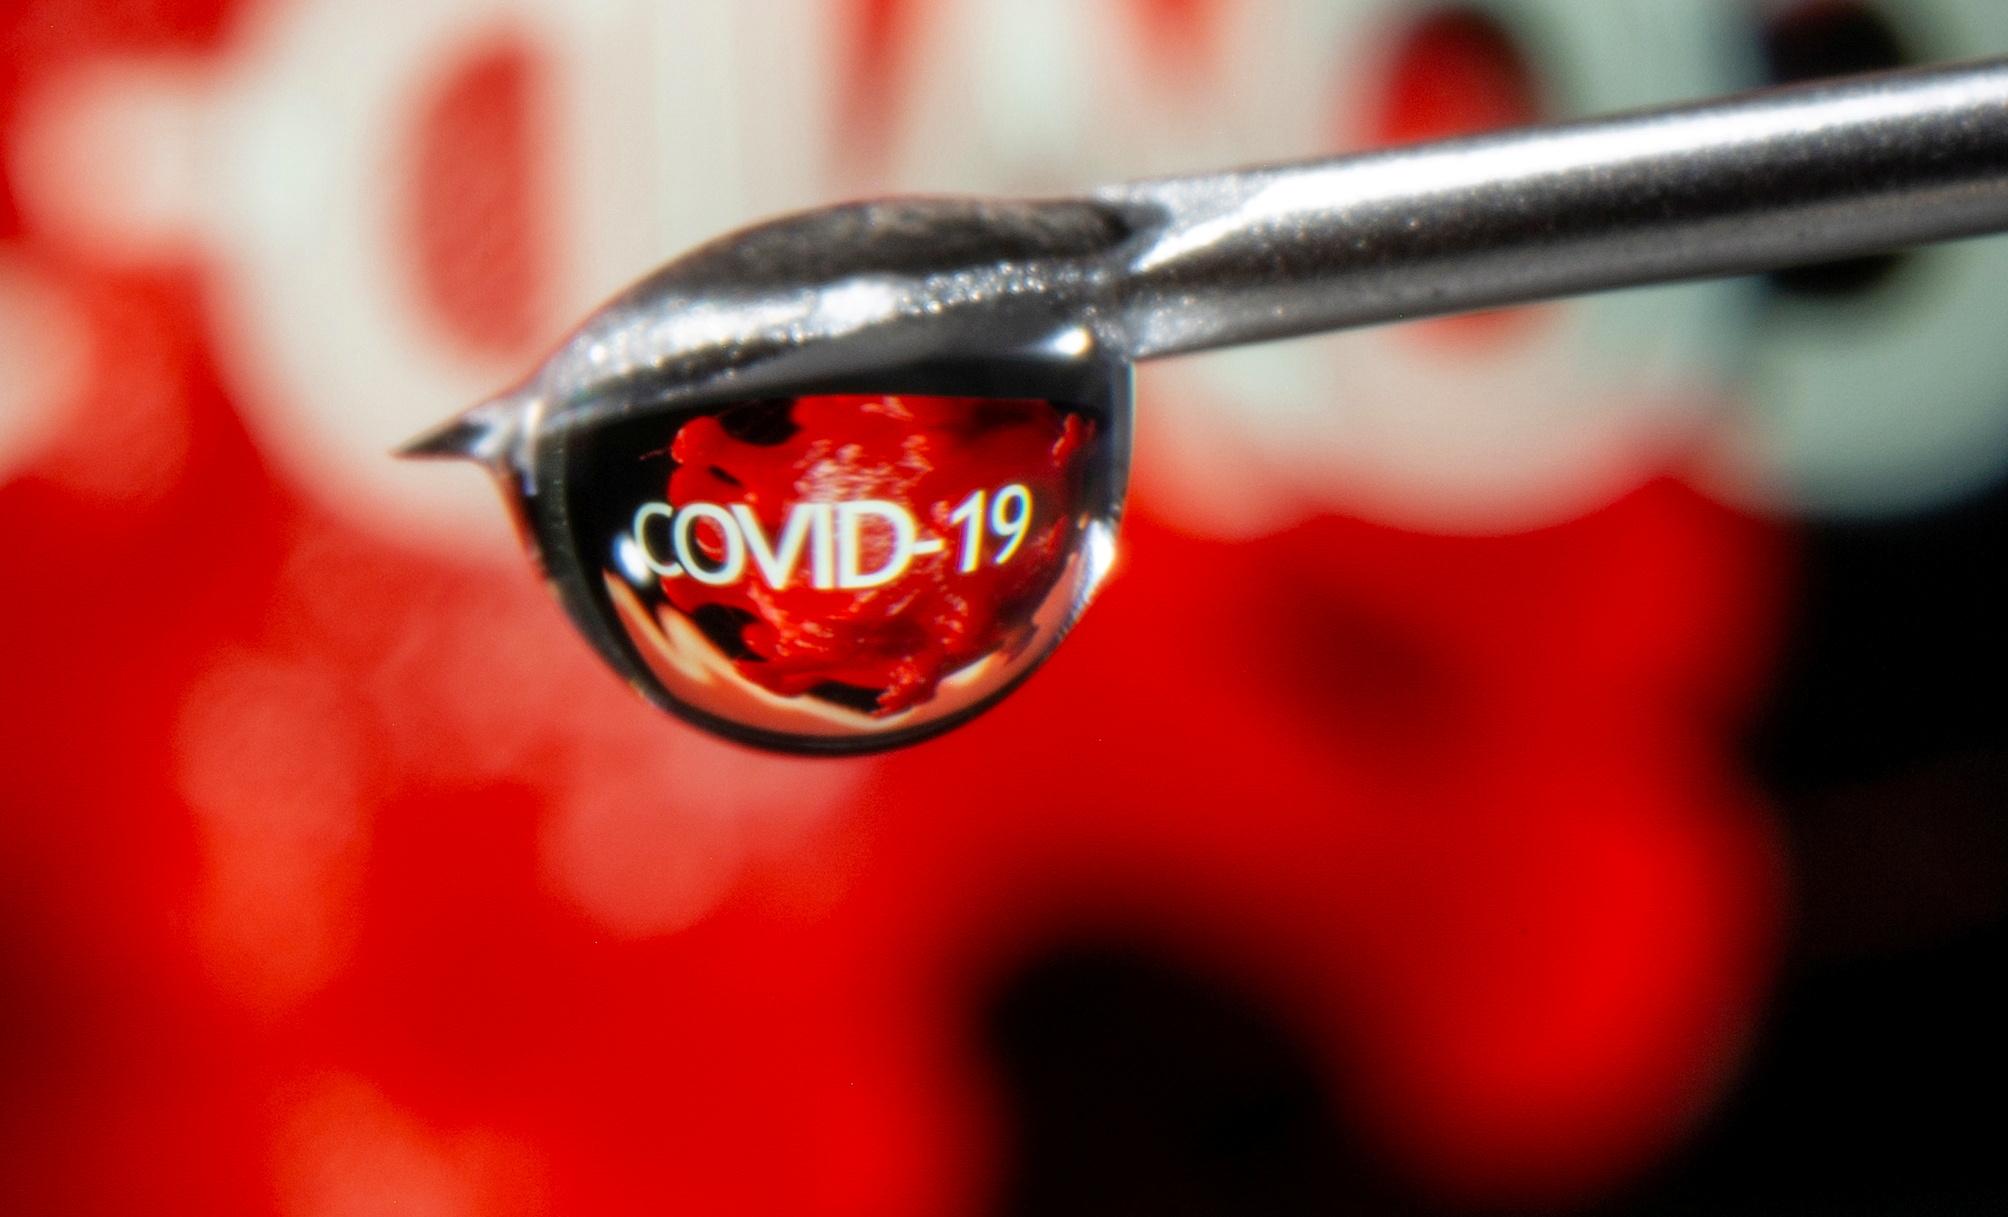 Κορονοϊός: Οι δυο μεταλλάξεις που εξαπλώνονται ταχύτατα και προκαλούν ανησυχία – Ποια «ξεφεύγει» από τα εμβόλια